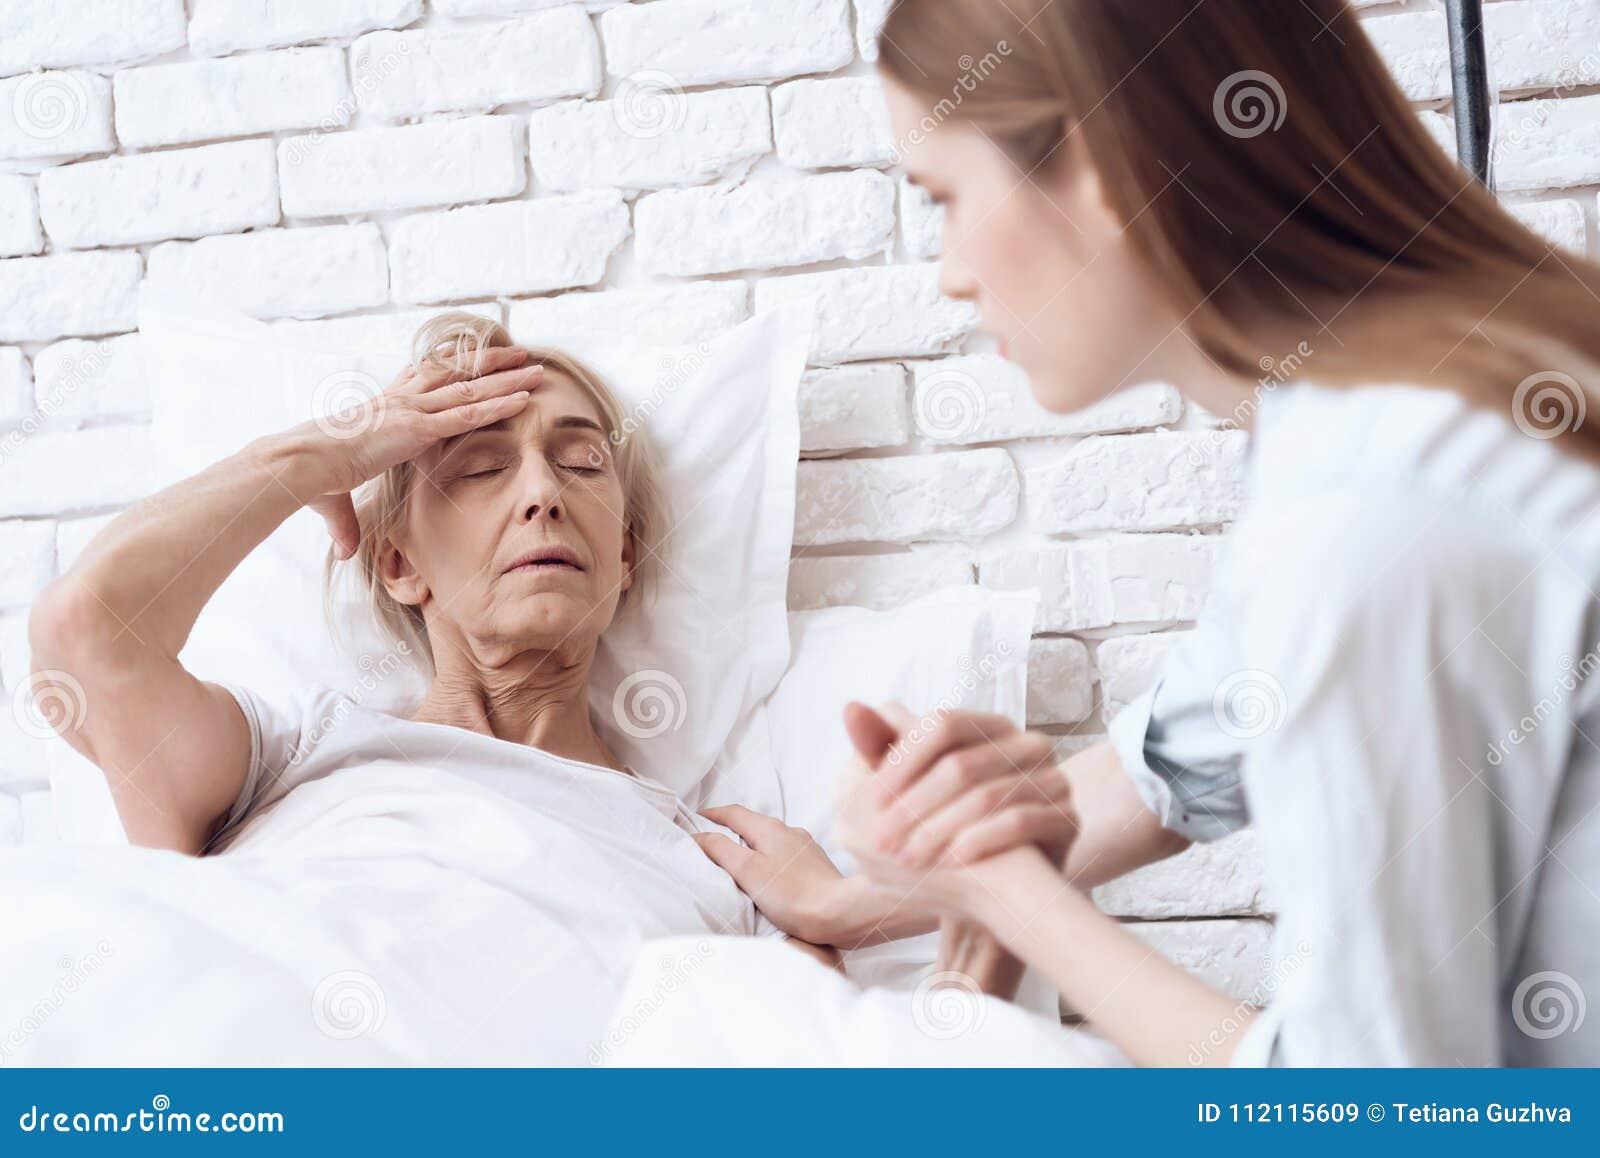 La fille s occupe de la femme agée à la maison Elles tiennent des mains La femme se sent mal